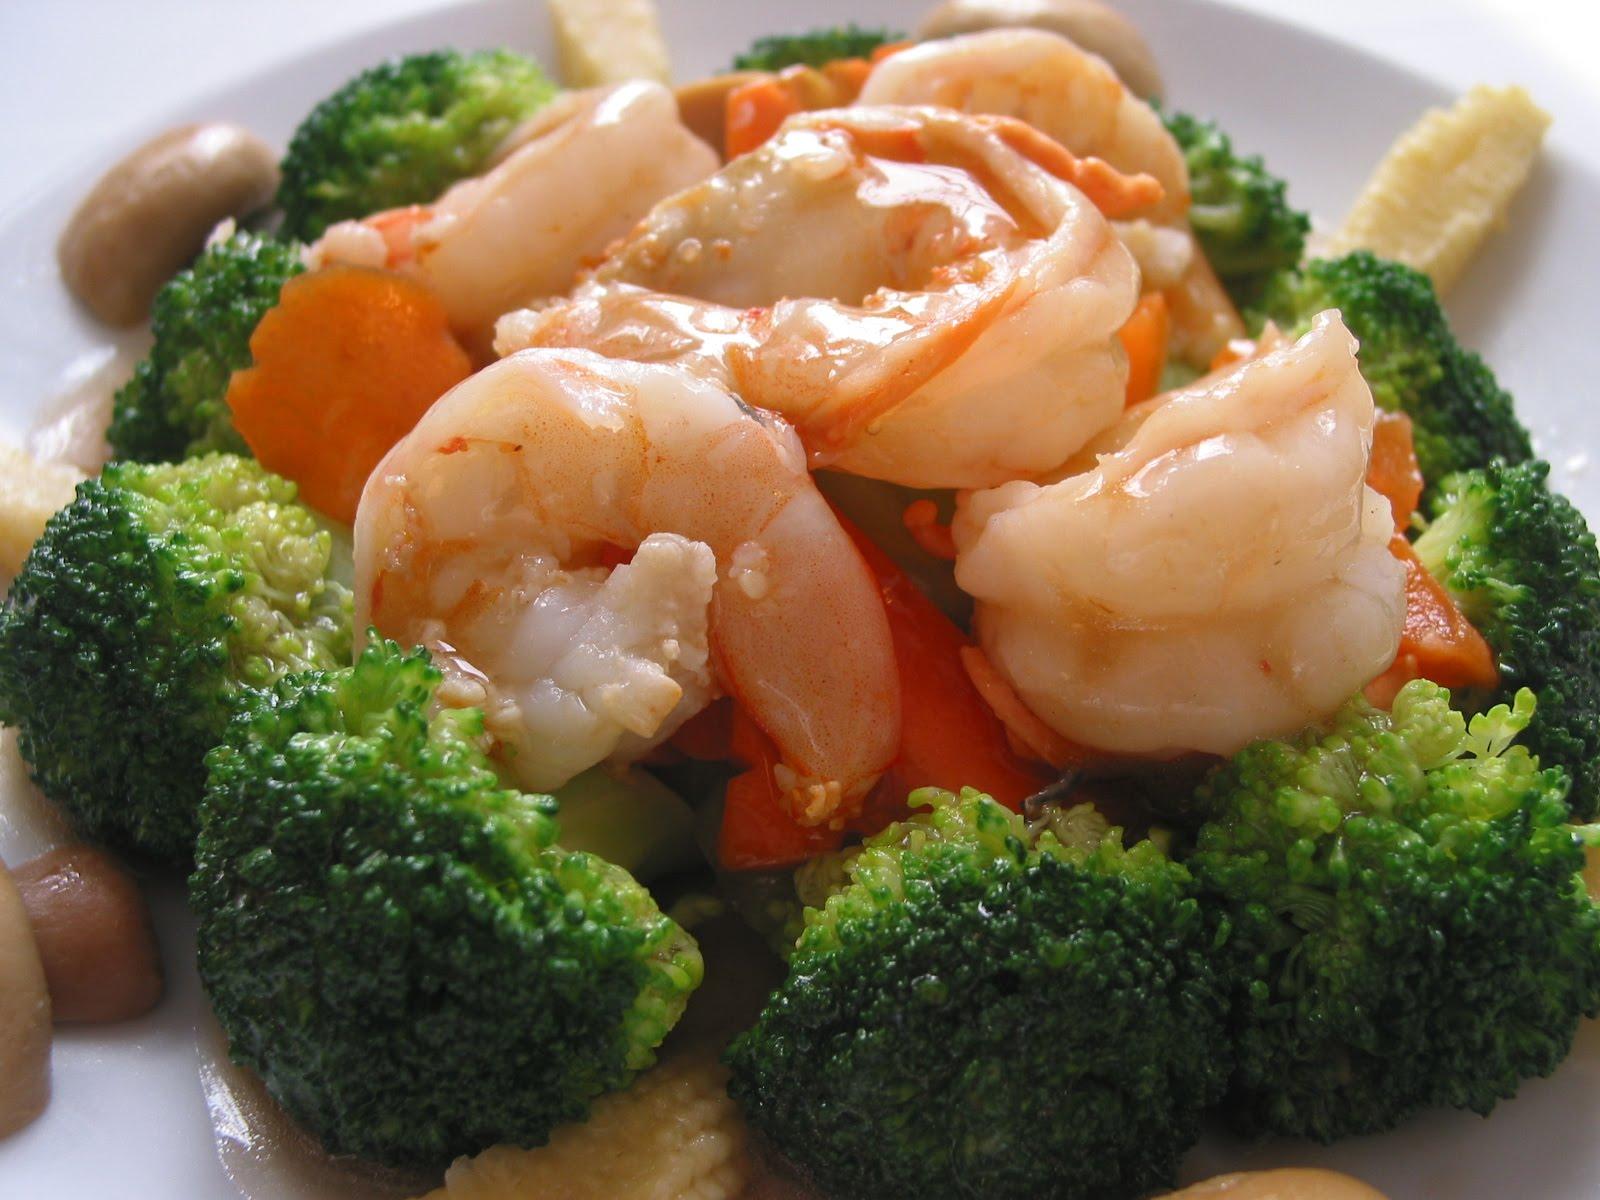 一樂茶坊: Vegetable 菜類